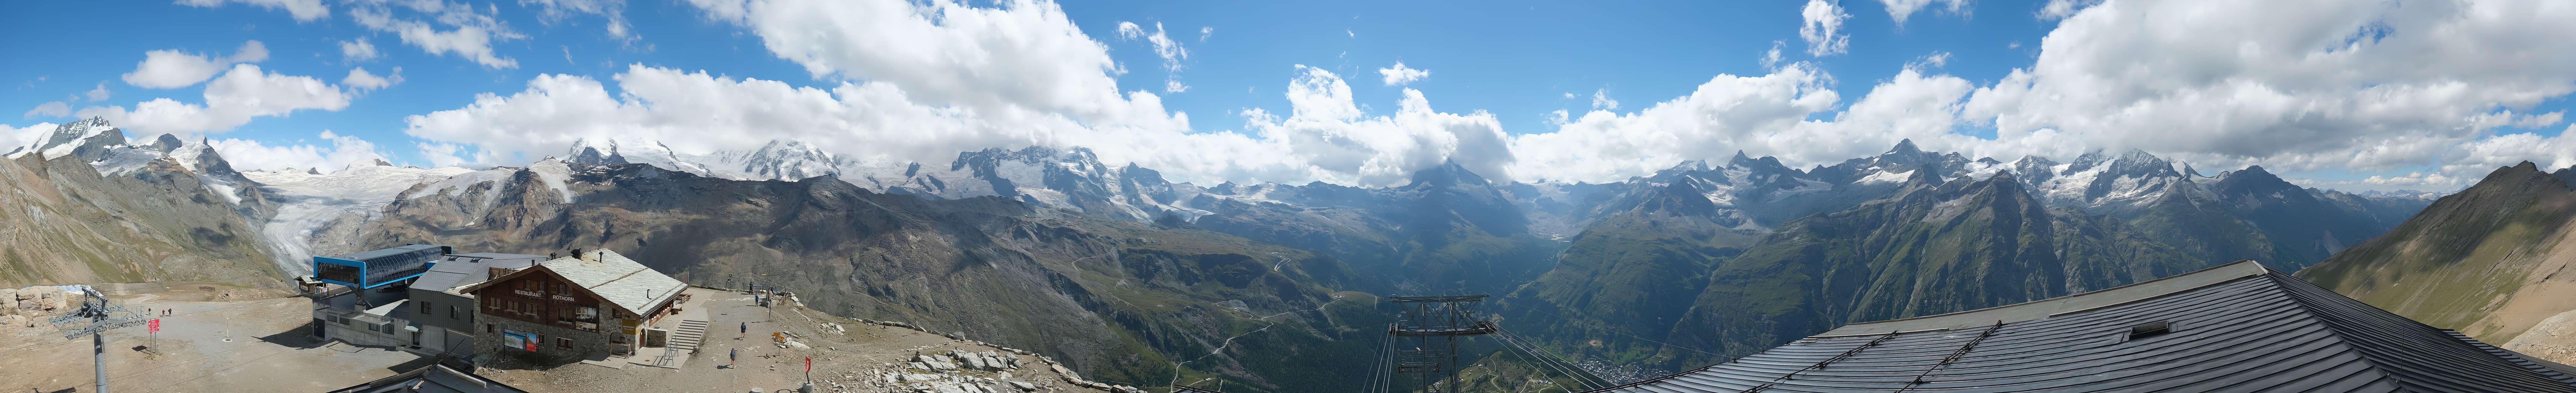 Livecam Zermatt Rothorn